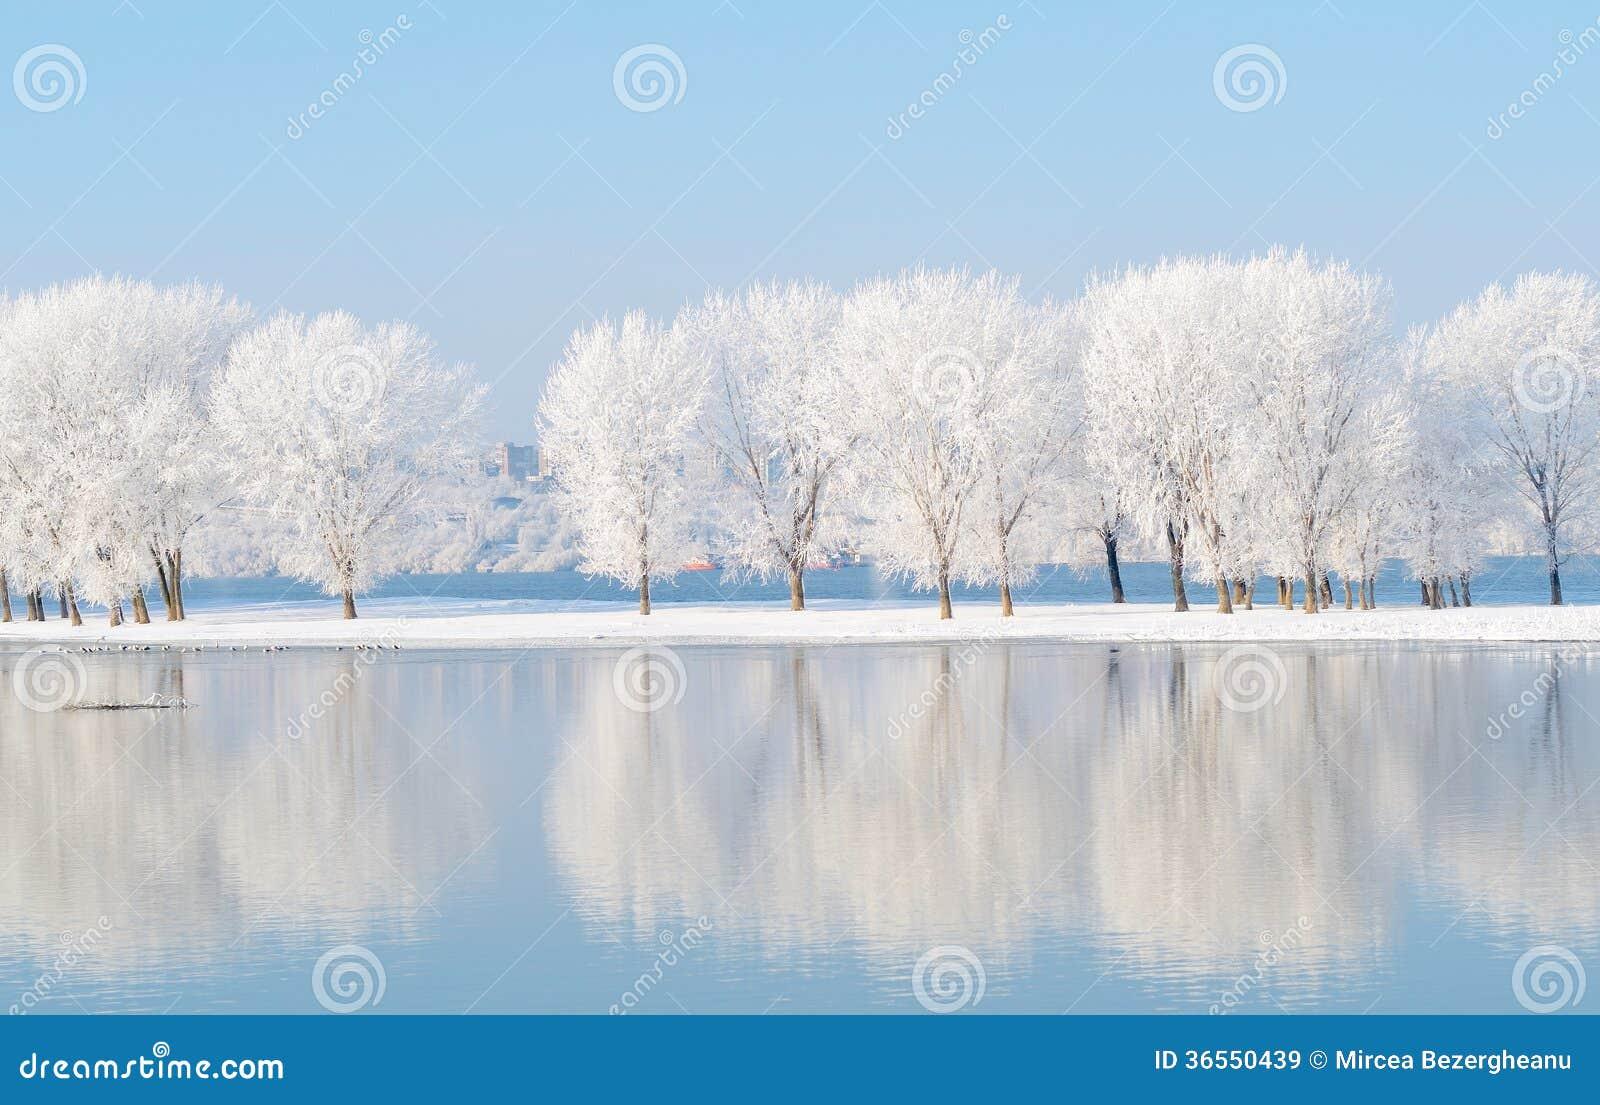 Paisaje del invierno con la reflexión en el agua